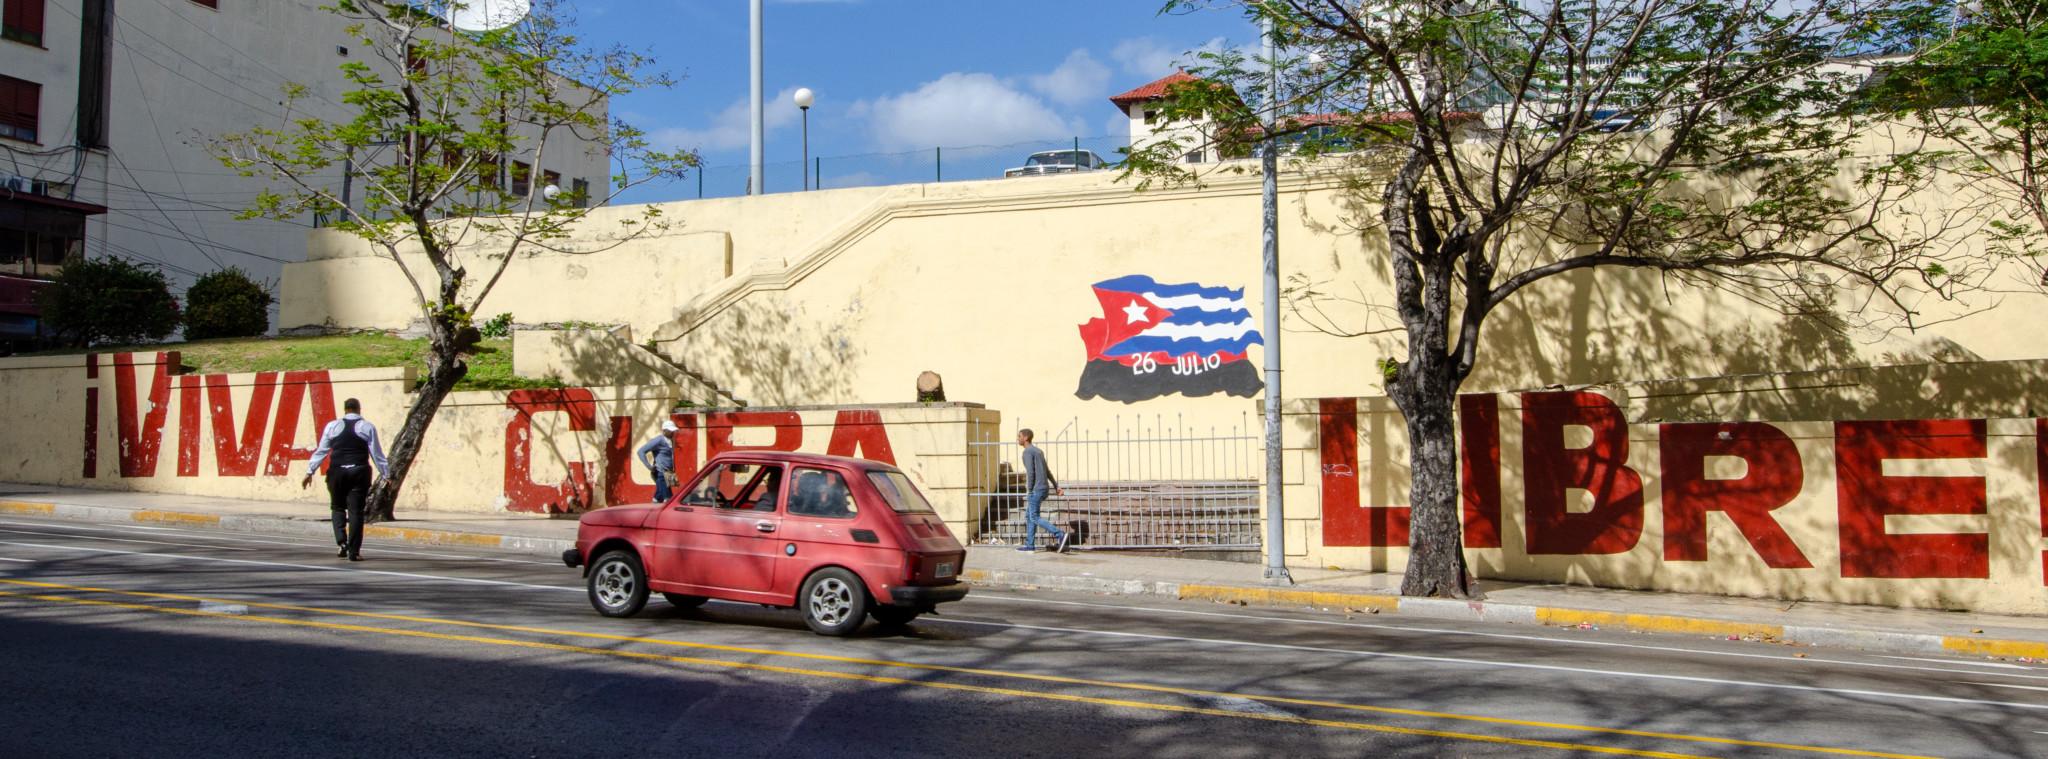 Internet in Kuba gibt es an öffentlichen Plätzen